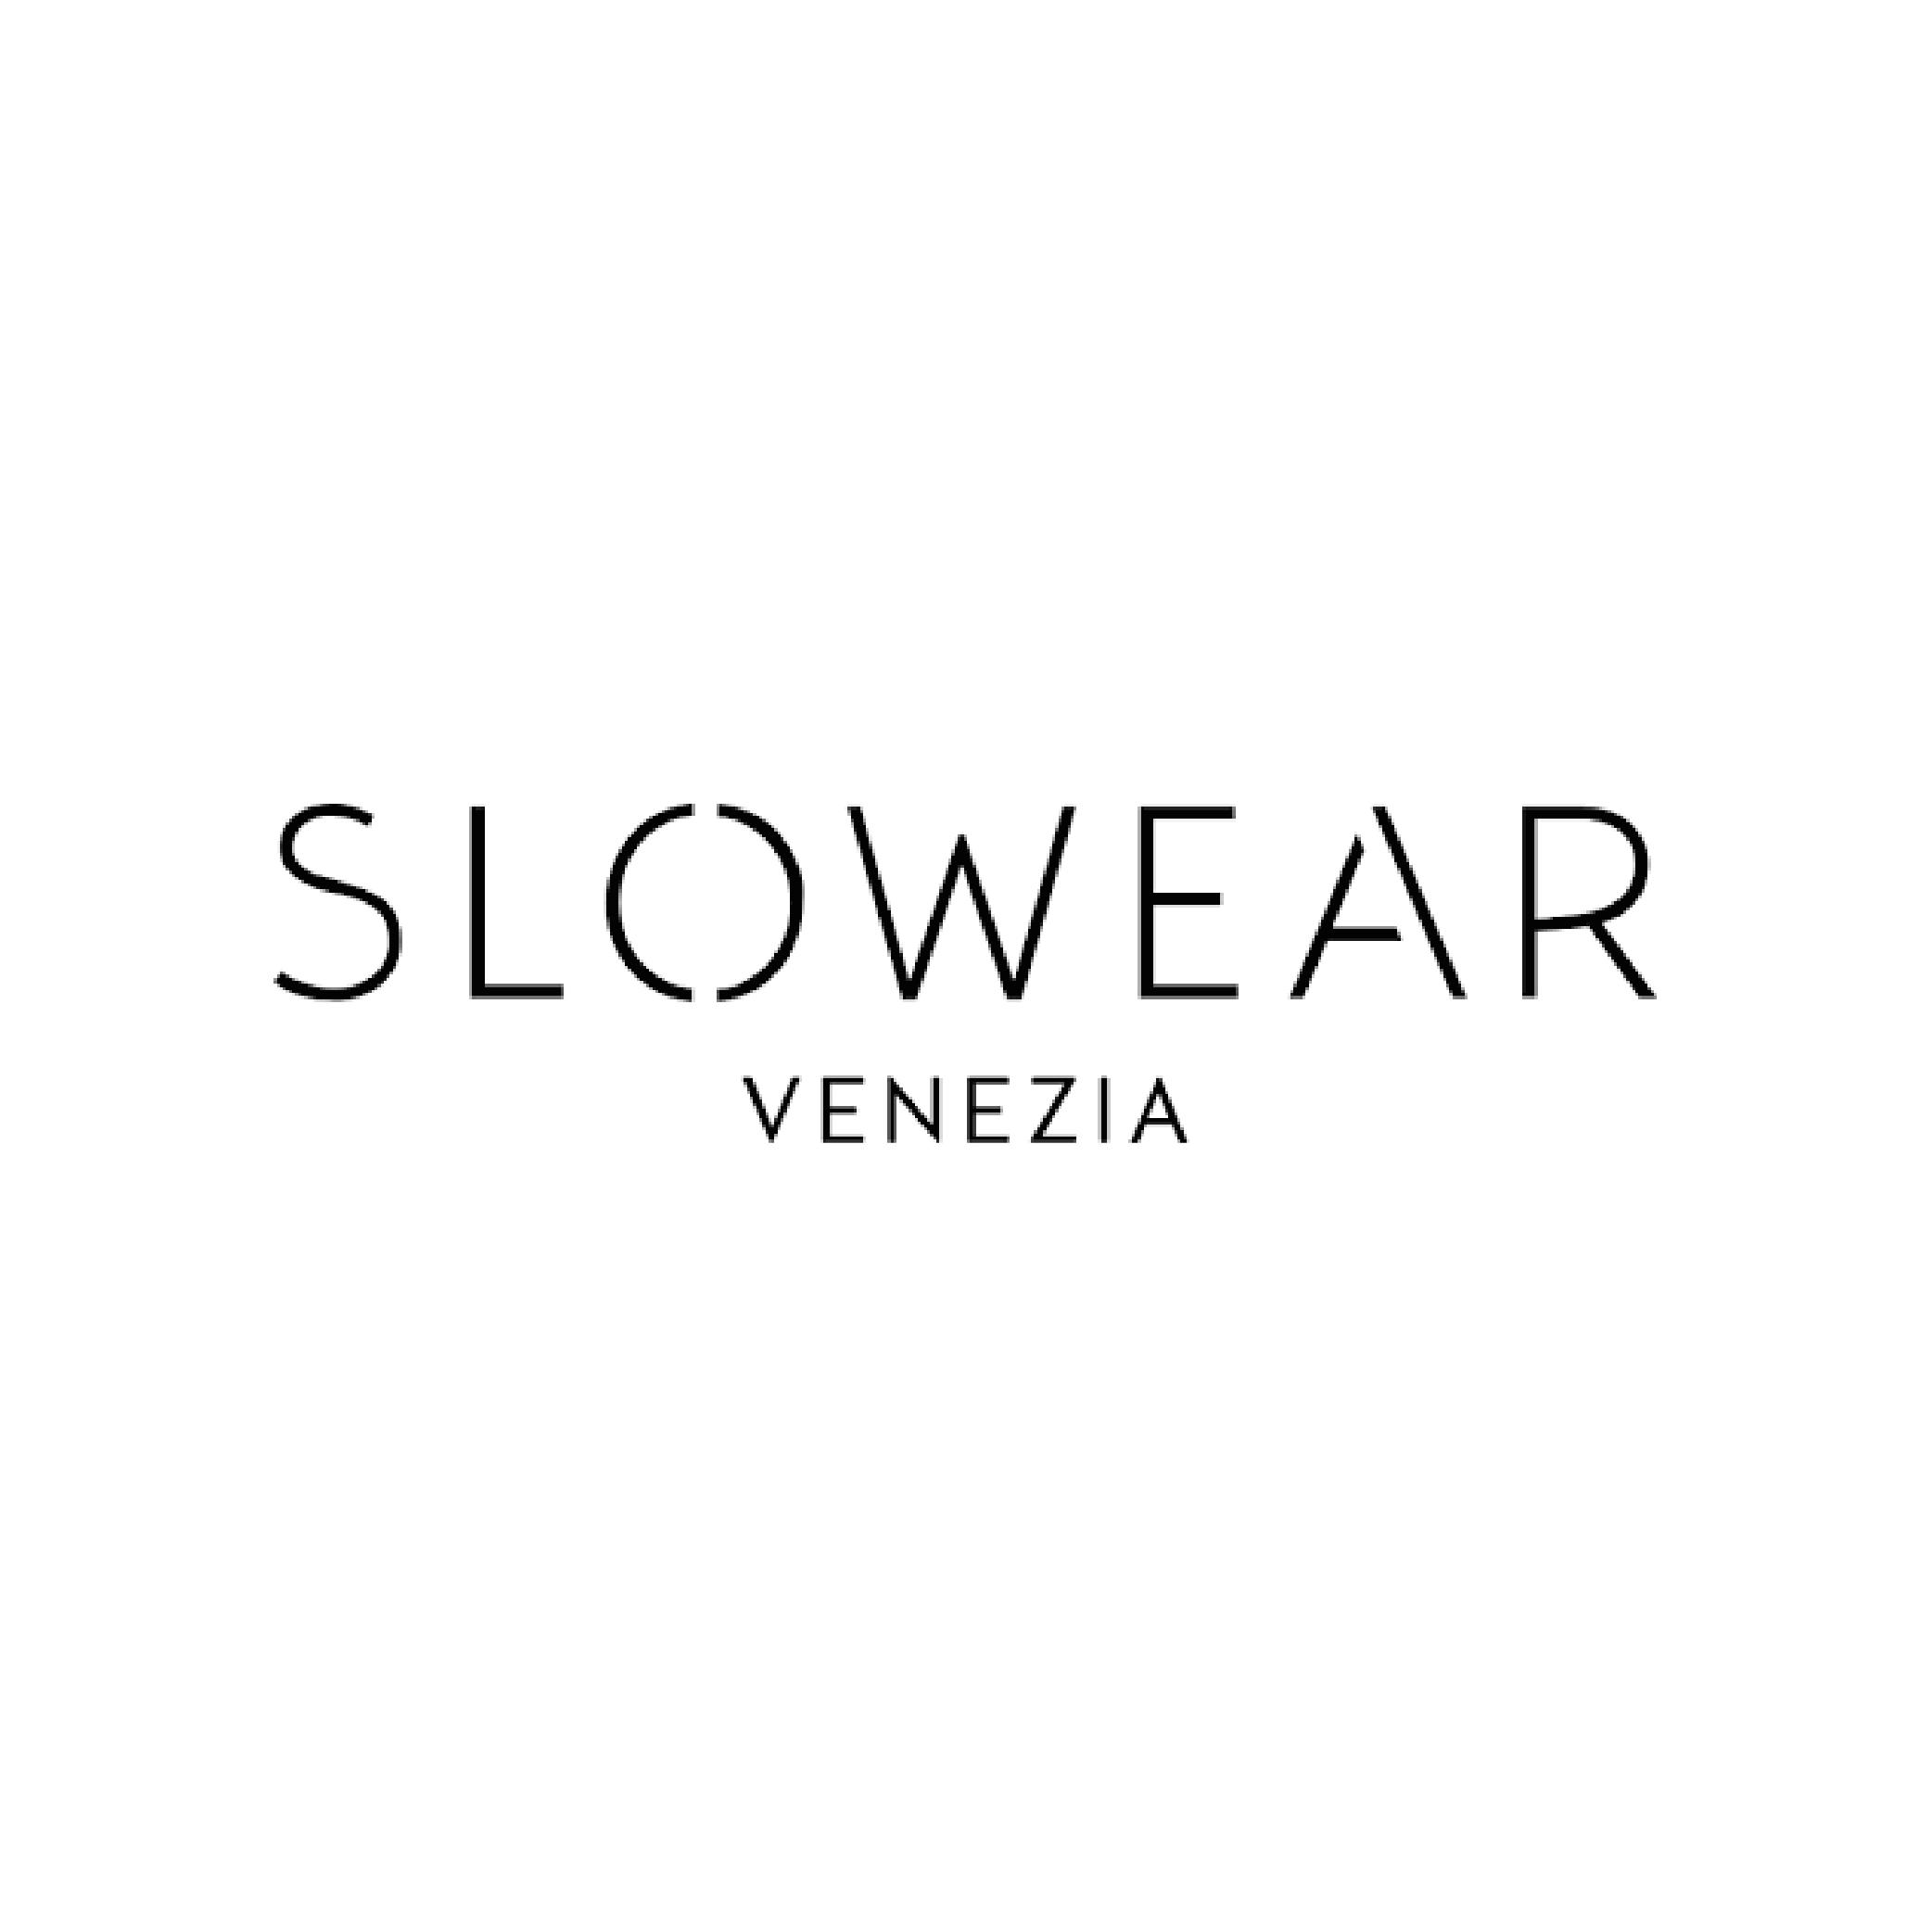 6_logo-slowear-venezia